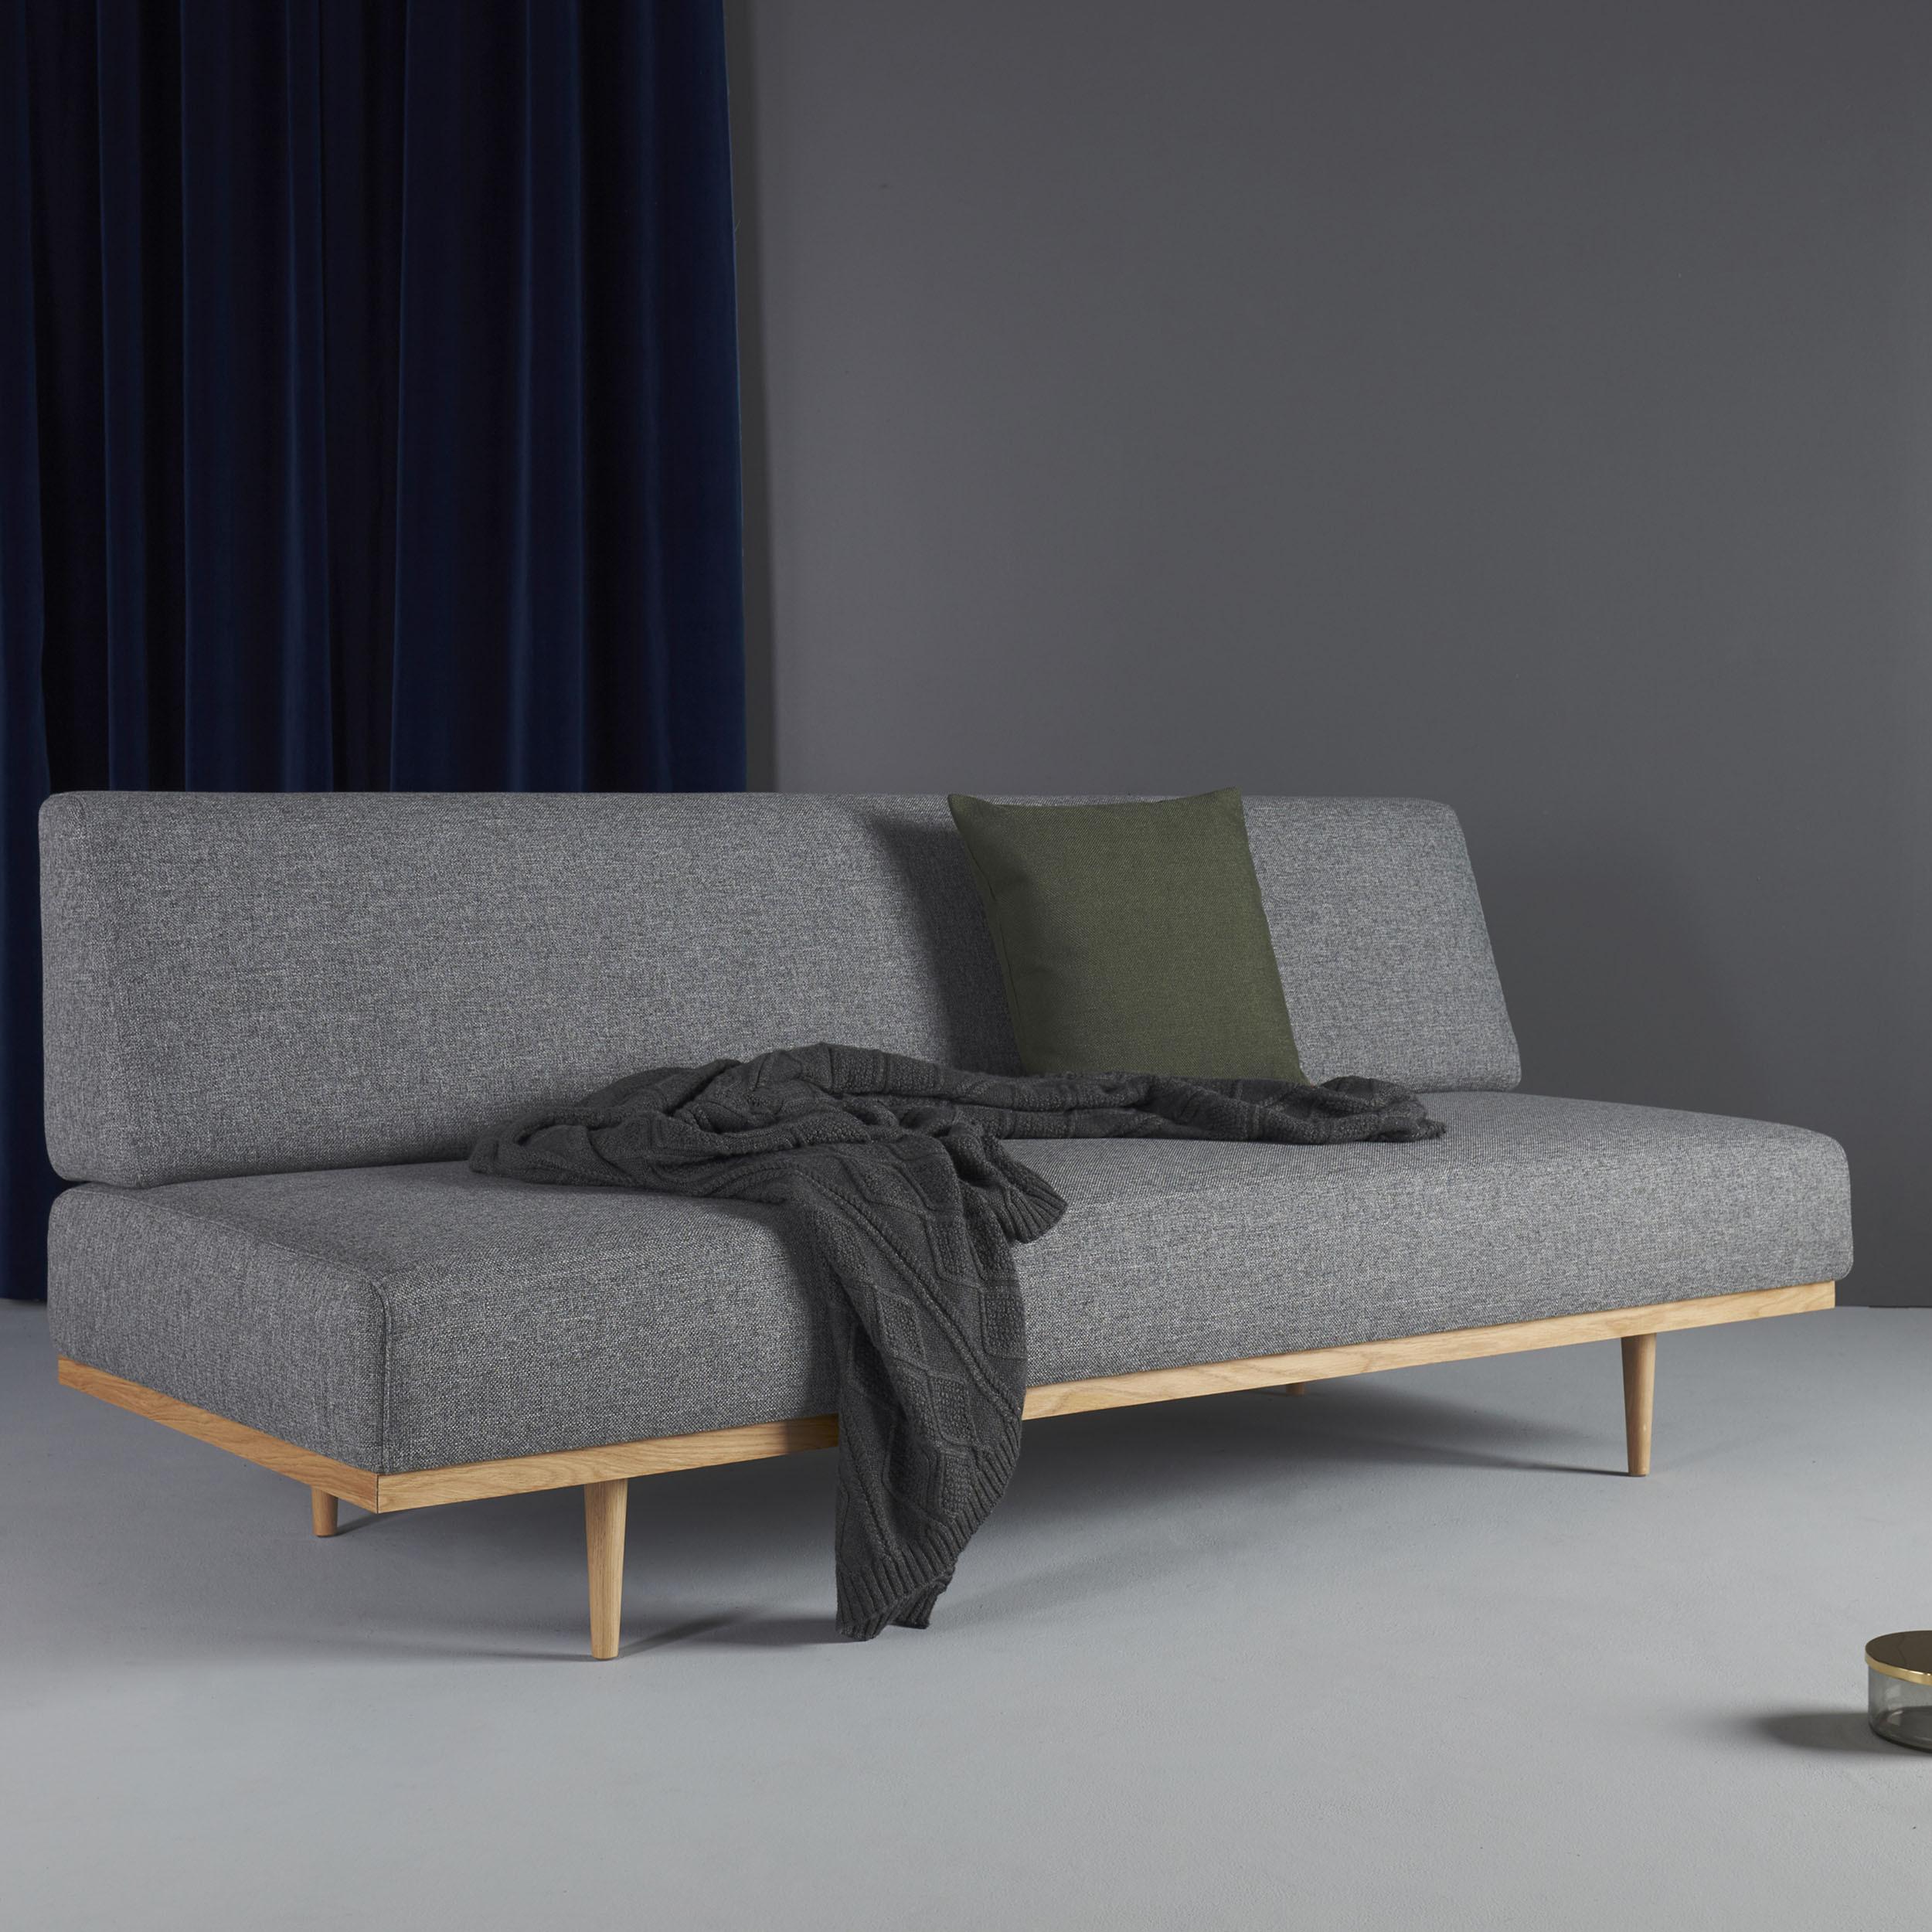 Schlafsofa Grau  Skara Schlafsofa grau A 001 online kaufen bei WOONIO